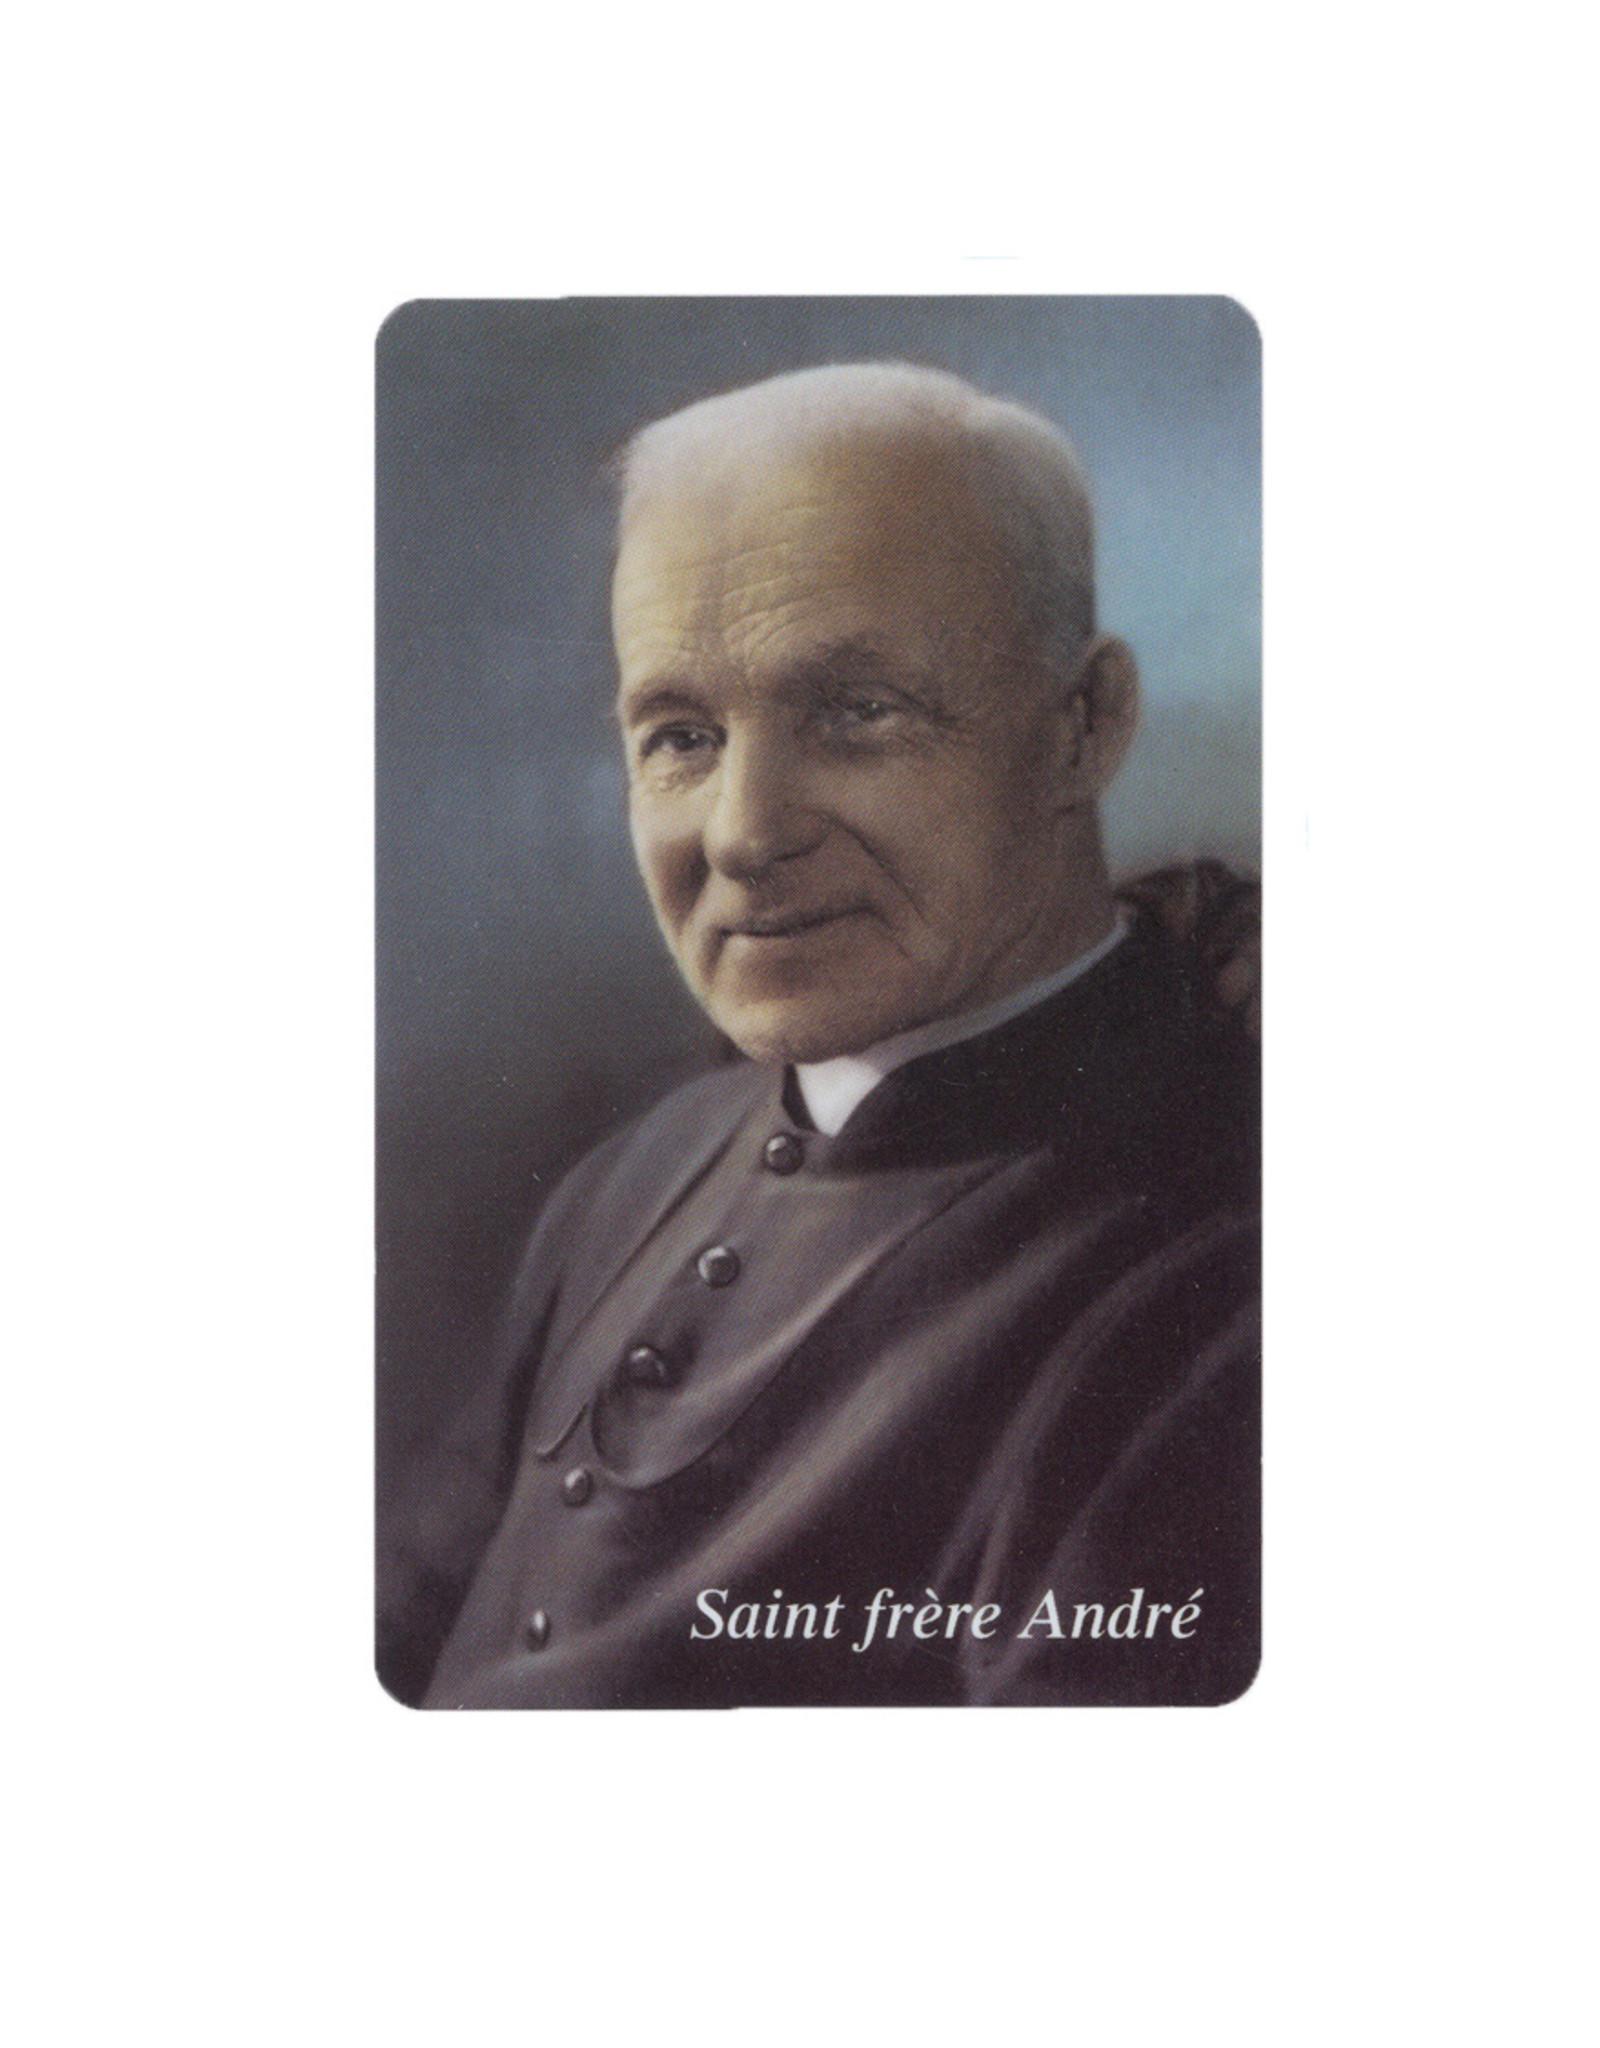 Carte plastifiée Saint frère André avec prière (Photo officielle de la canonisation)